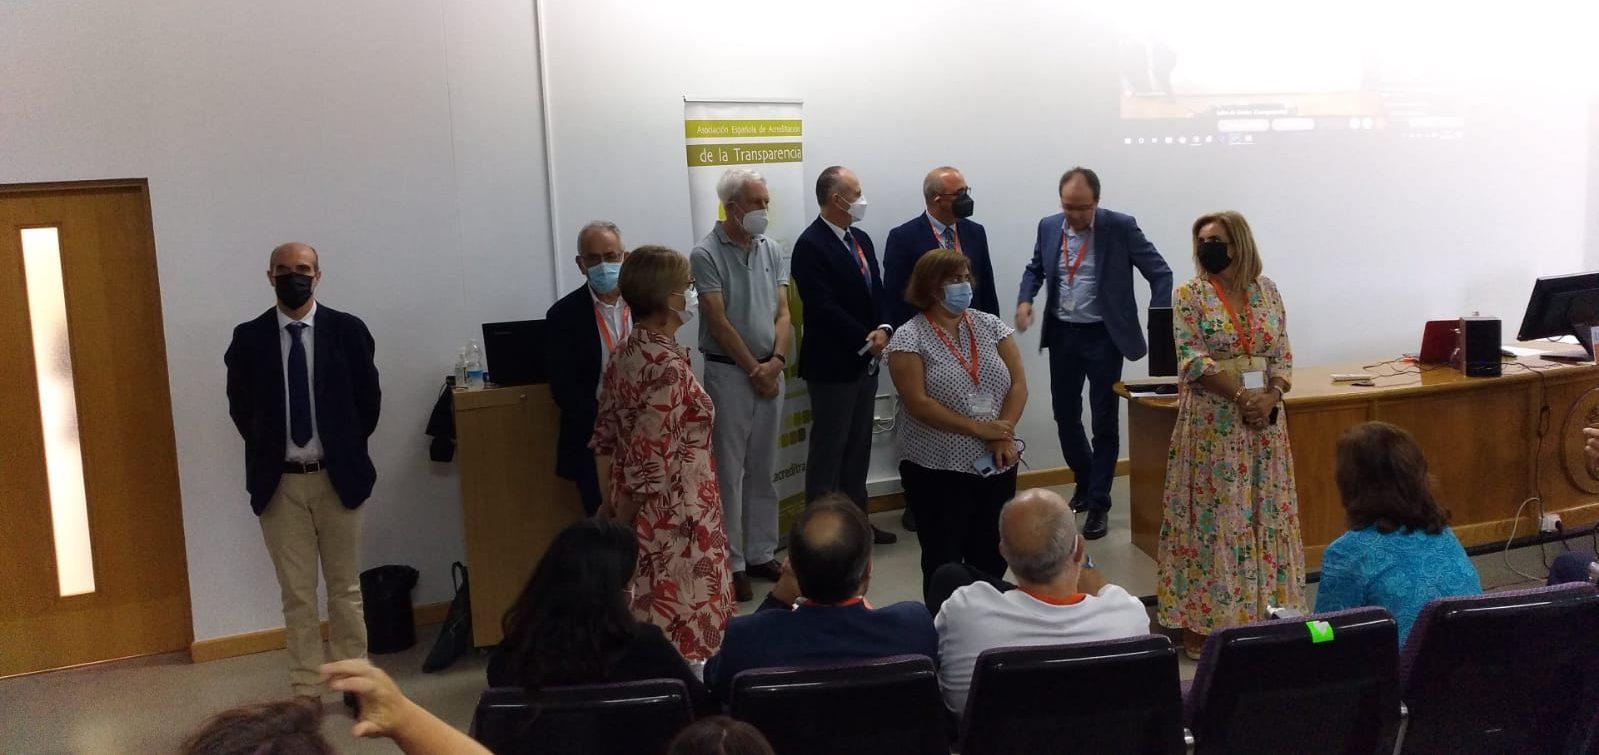 Declaración de Alicante de la Red de Consejos y Comisionados de Transparencia